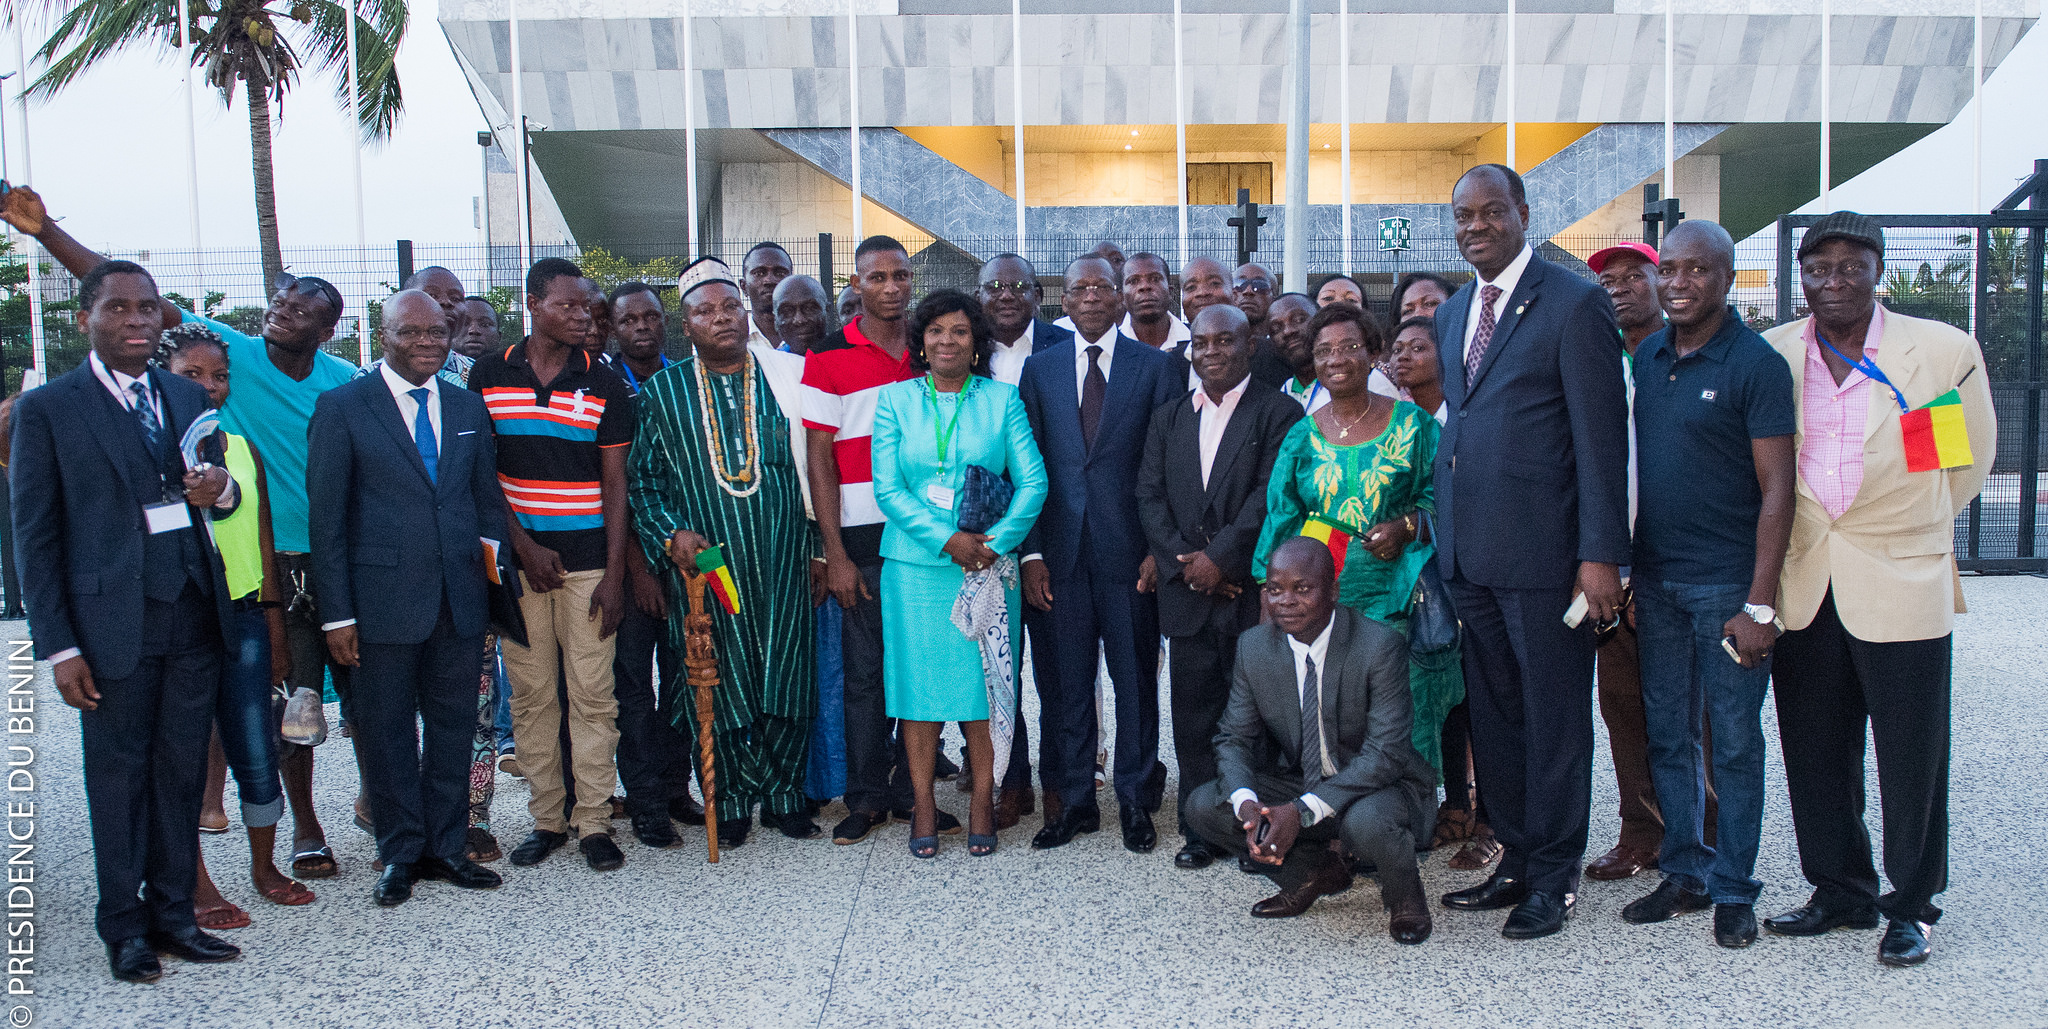 14 avril 2018. Lomé au Togo. Conférence des chefs d'Etat de la CEDEAO. Le président Patrice Talon et ses homologues de la sous-région.